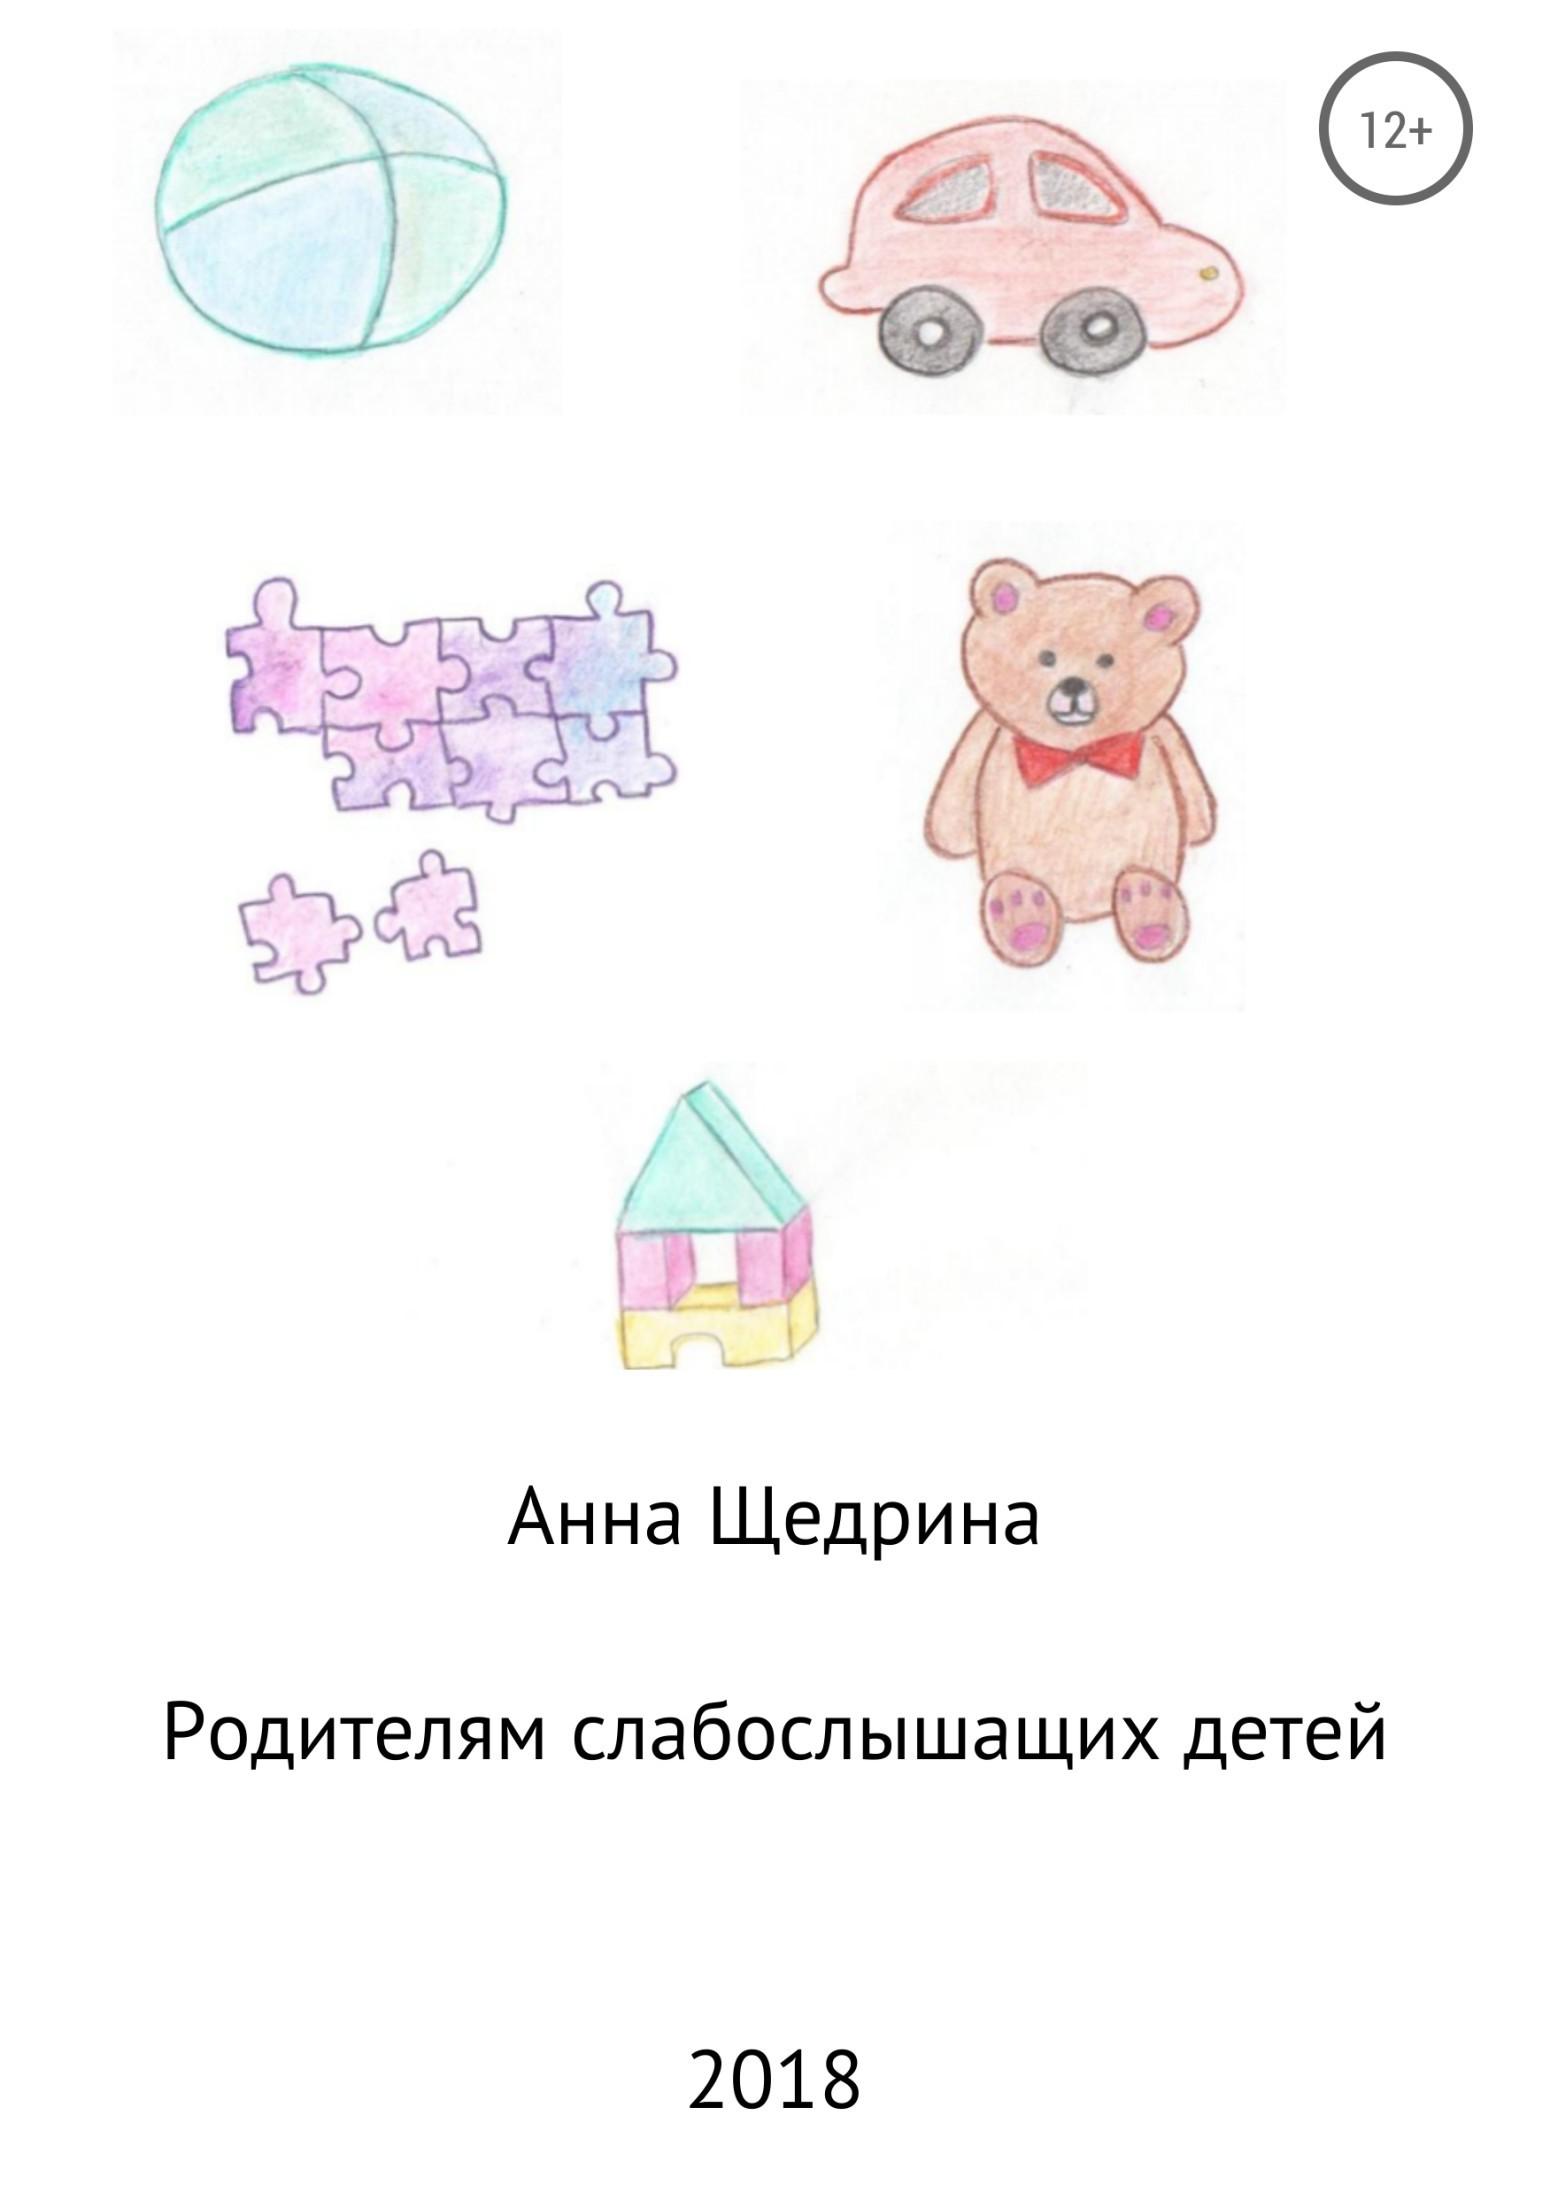 Анна Юрьевна Щедрина Родителям слабослышащих детей